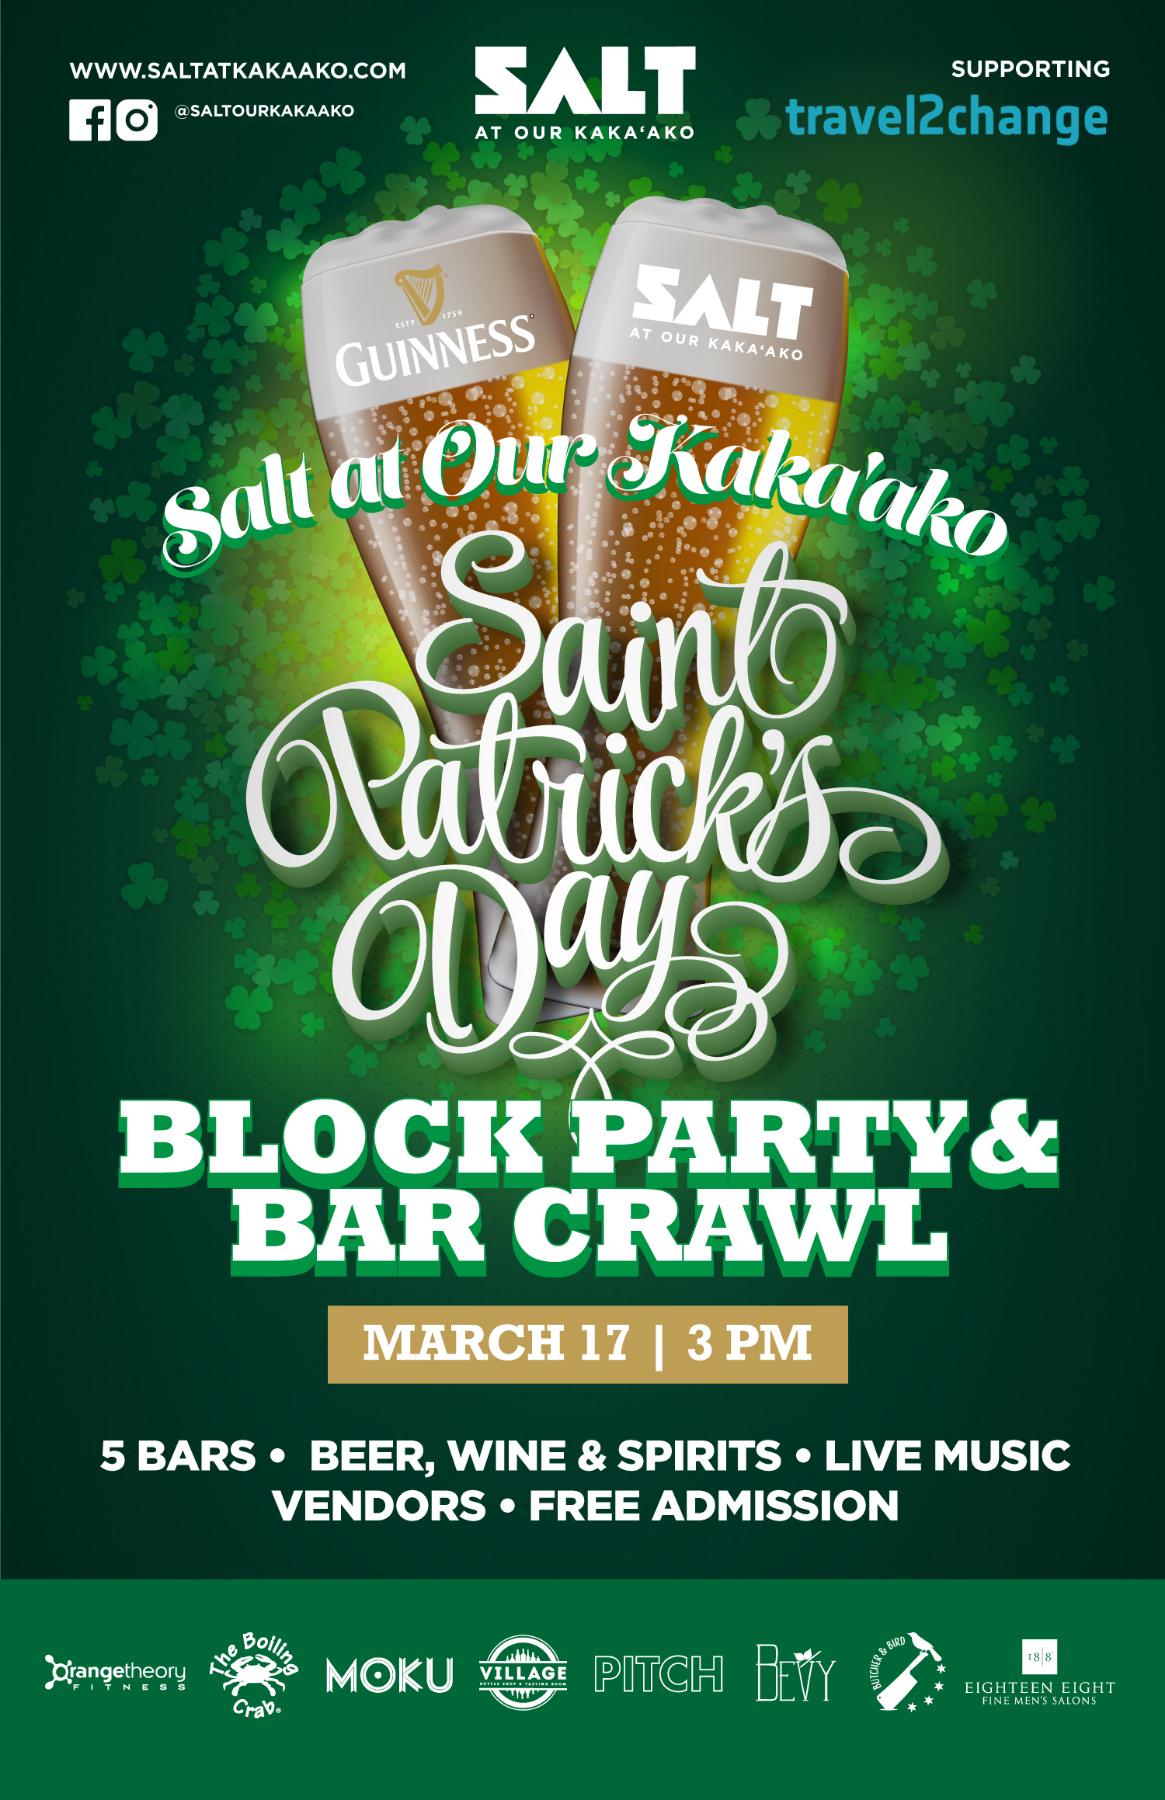 St. Patrick's Day Block Party & Bar Crawl at SALT at Our Kakaʻako